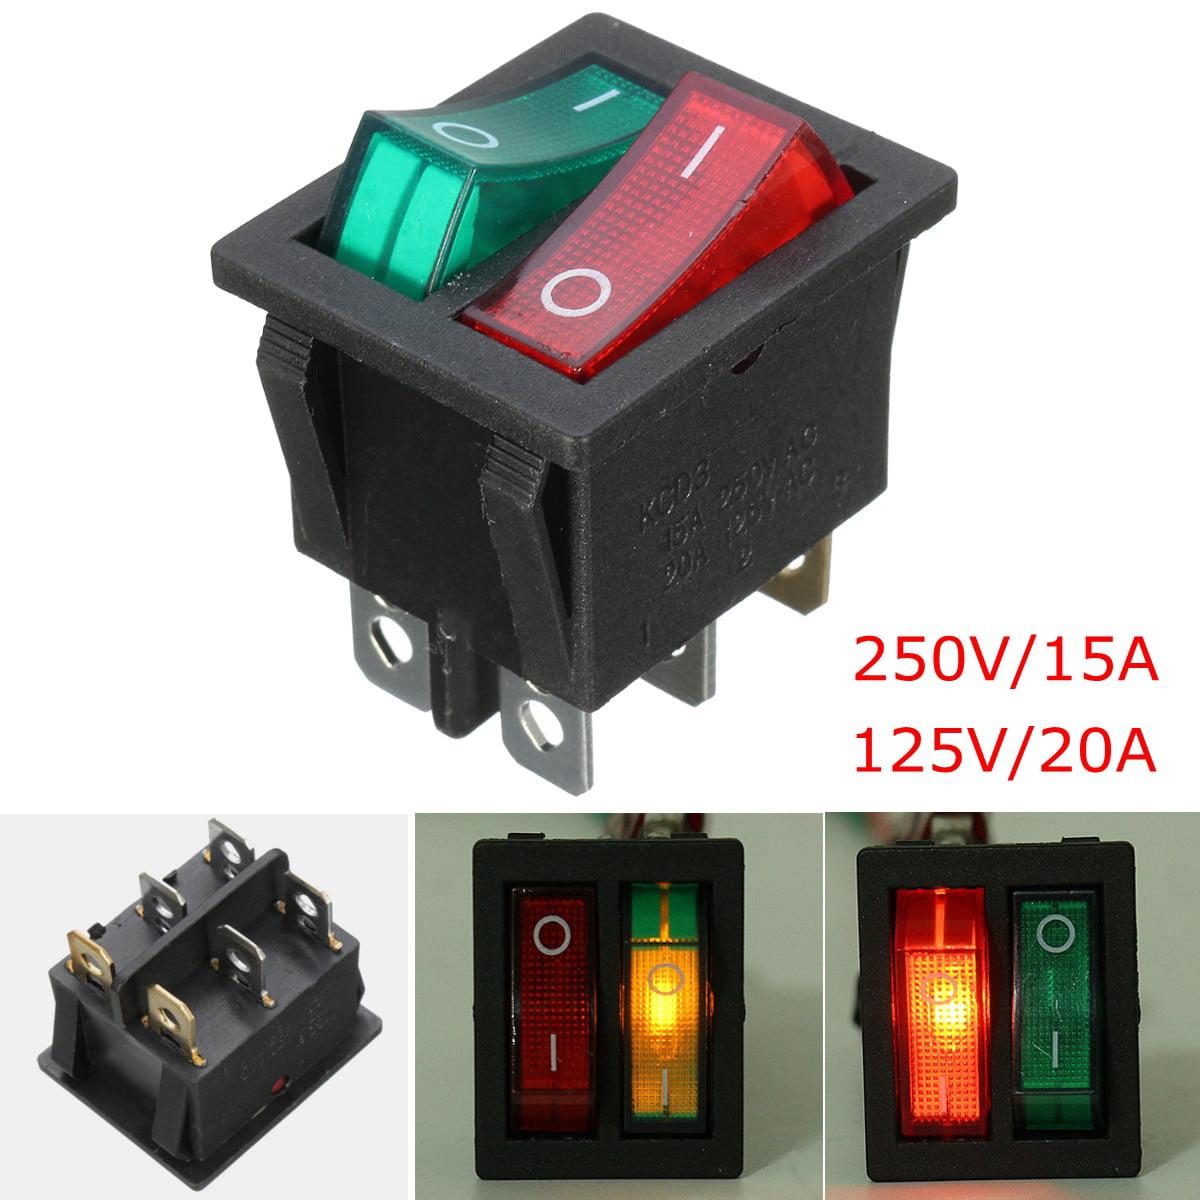 TTBD 5 x Interrupteurs a bascule DPST On//Off 16A//250V 20A//125V AC Illumination rouge